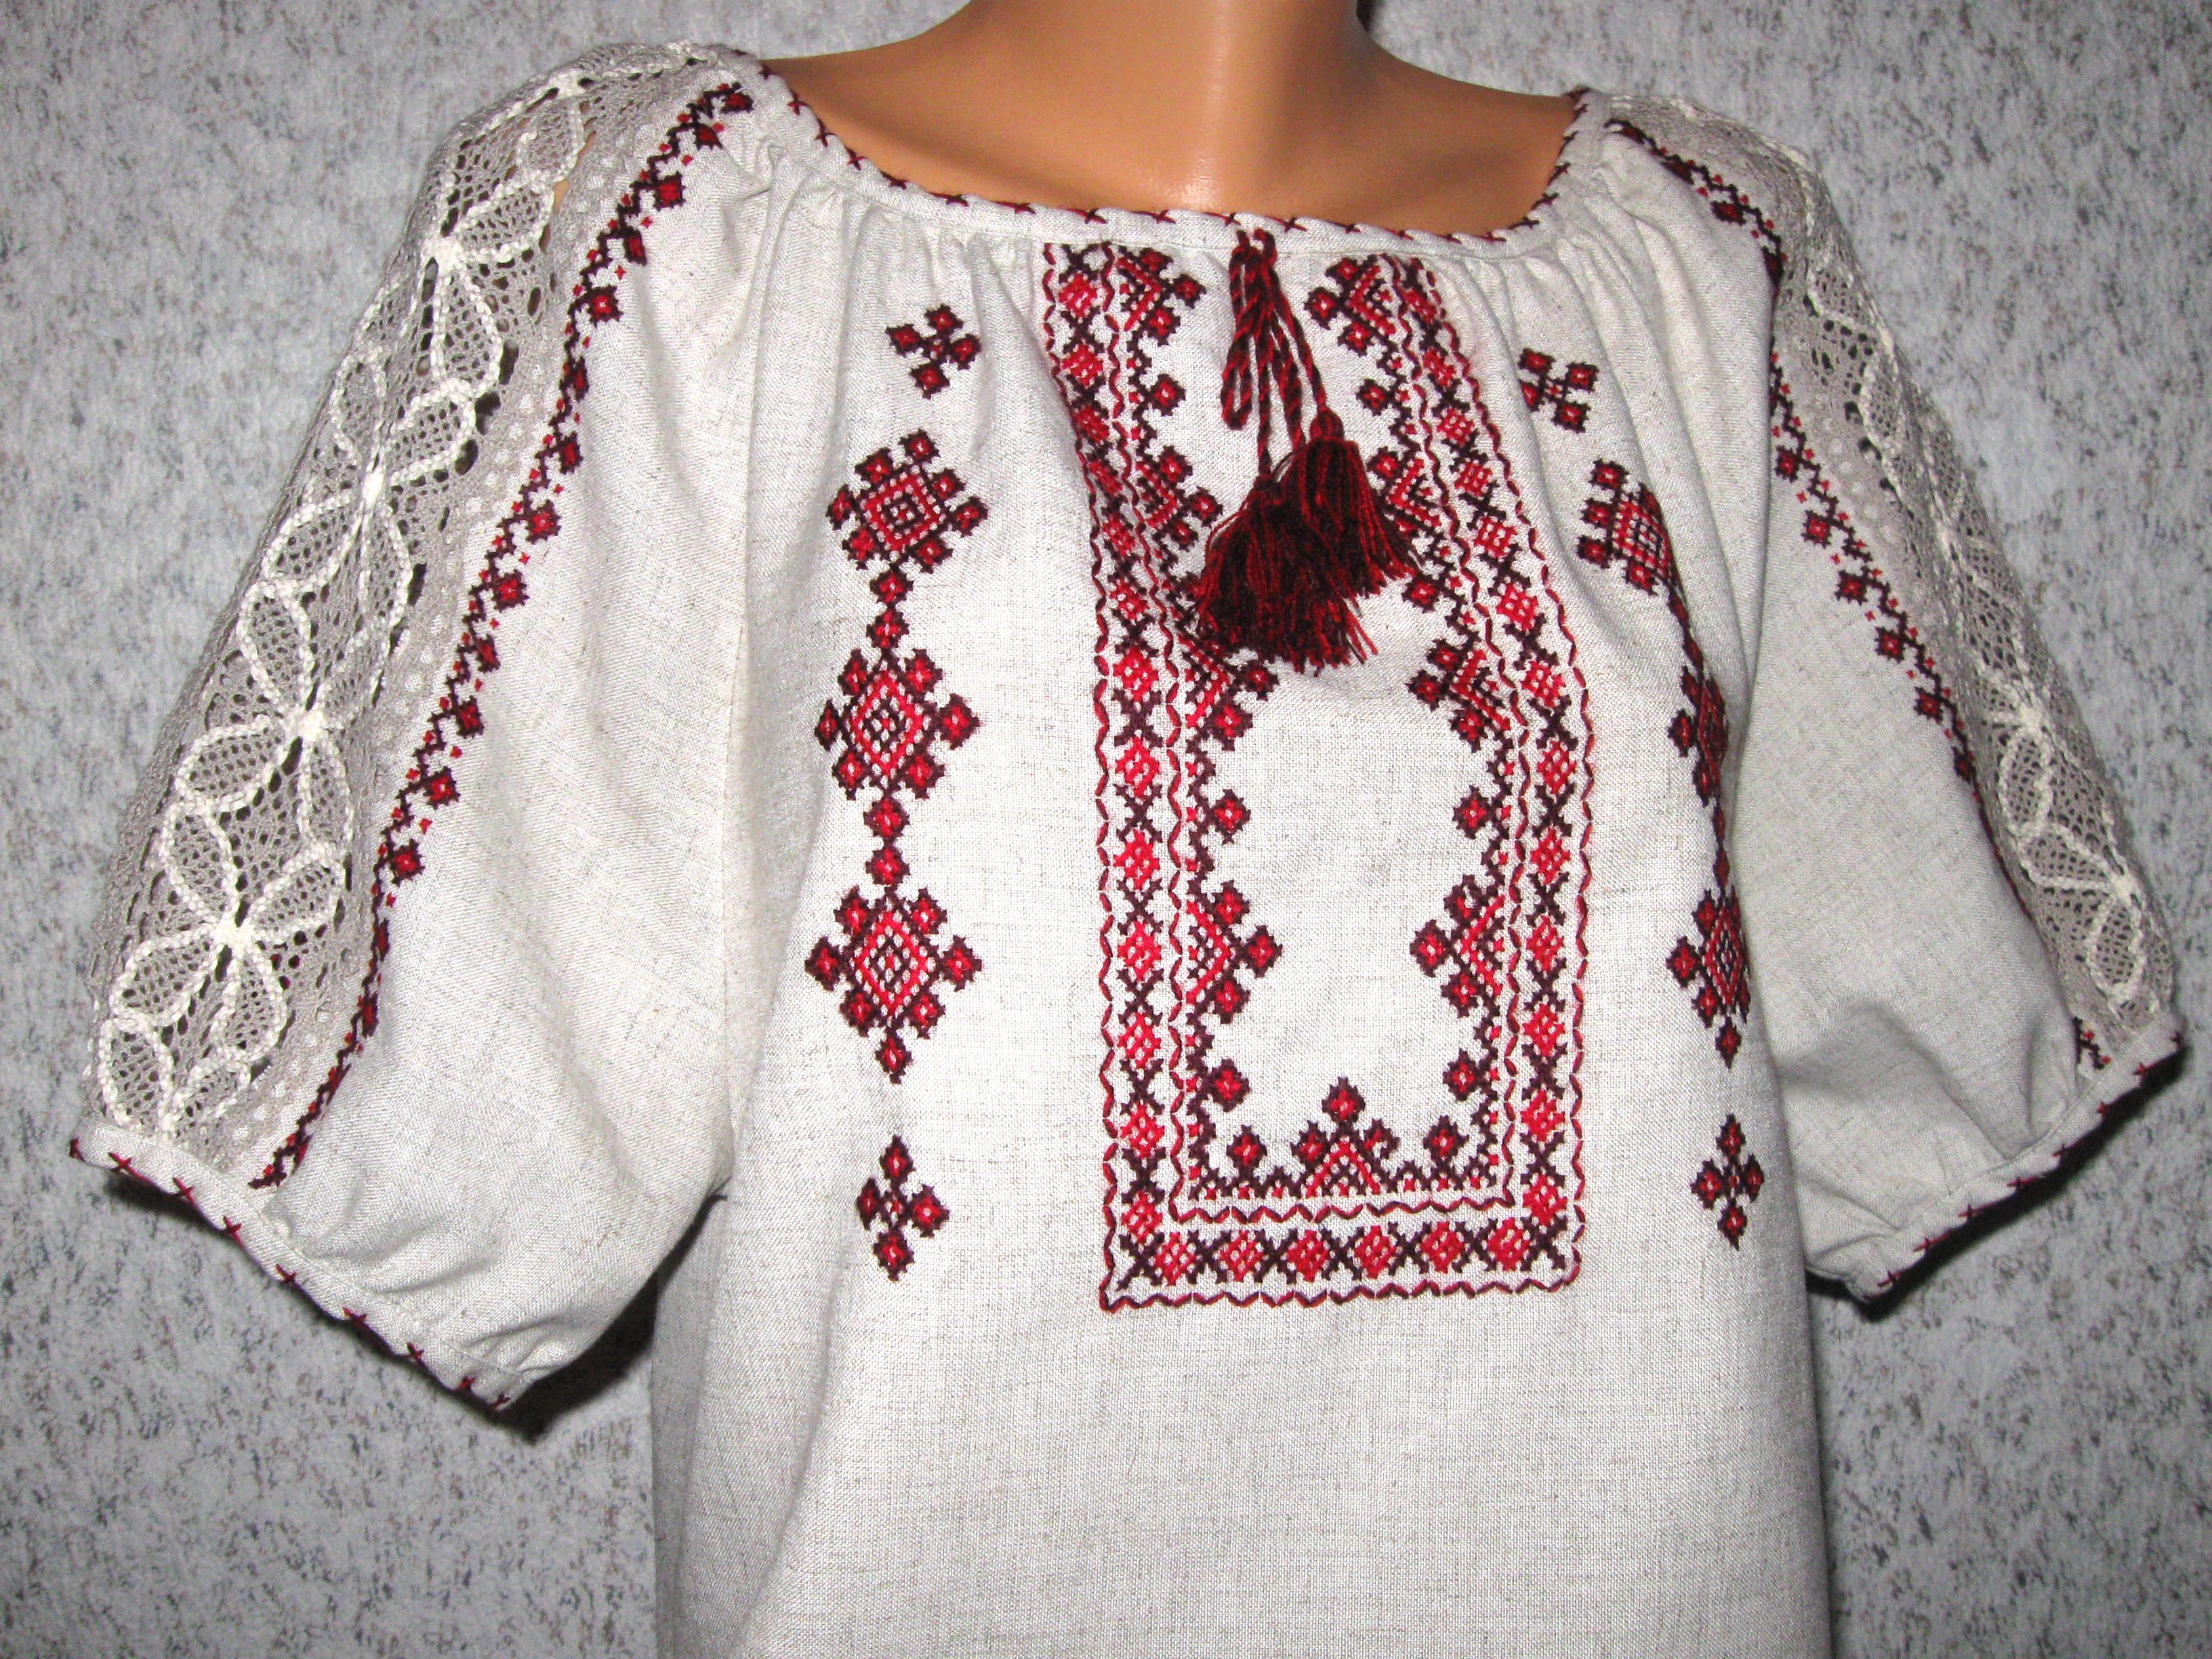 вишиванка жіноча з мереживом - Товари - Вишиванки ручної роботи від ... 1aeab166e3e2e